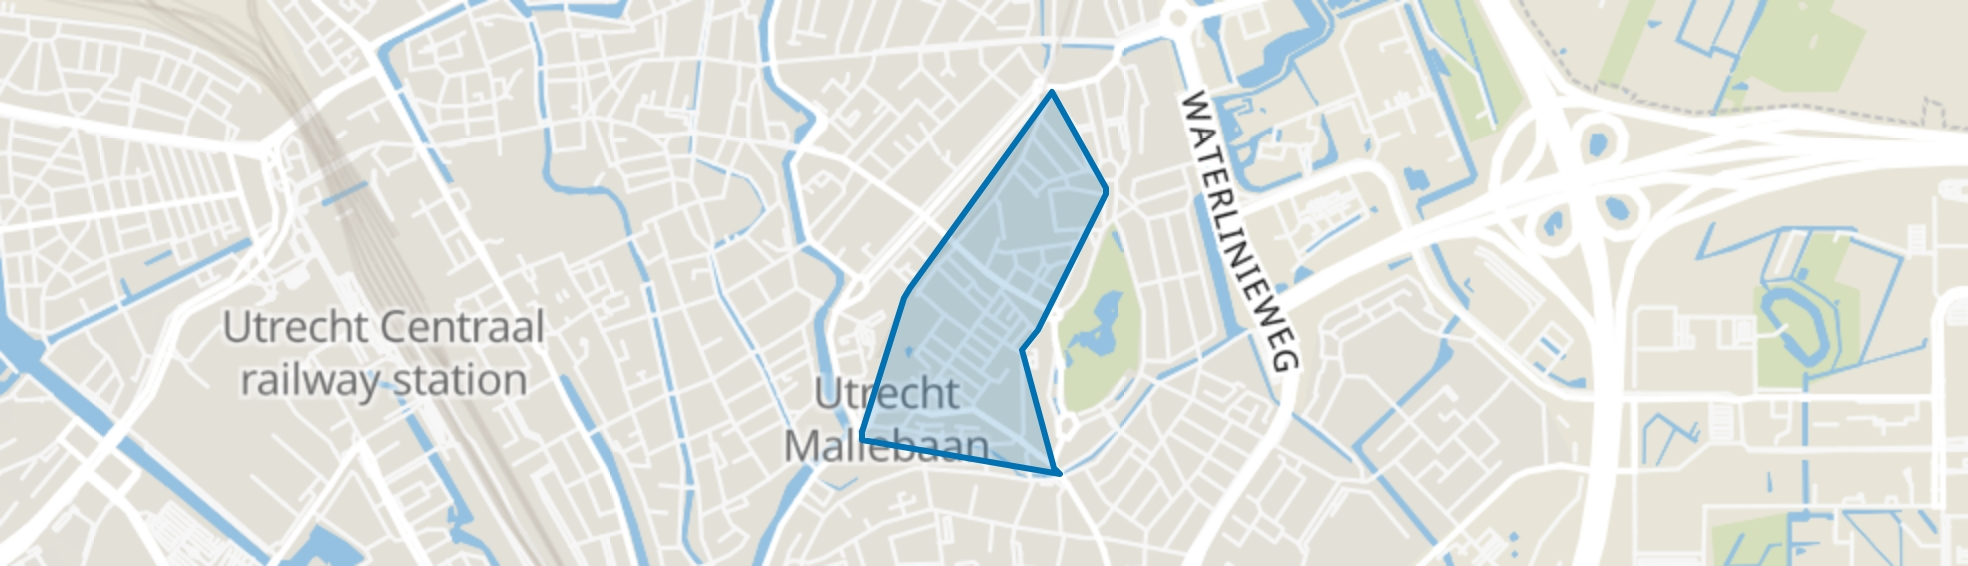 Oudwijk, Utrecht map